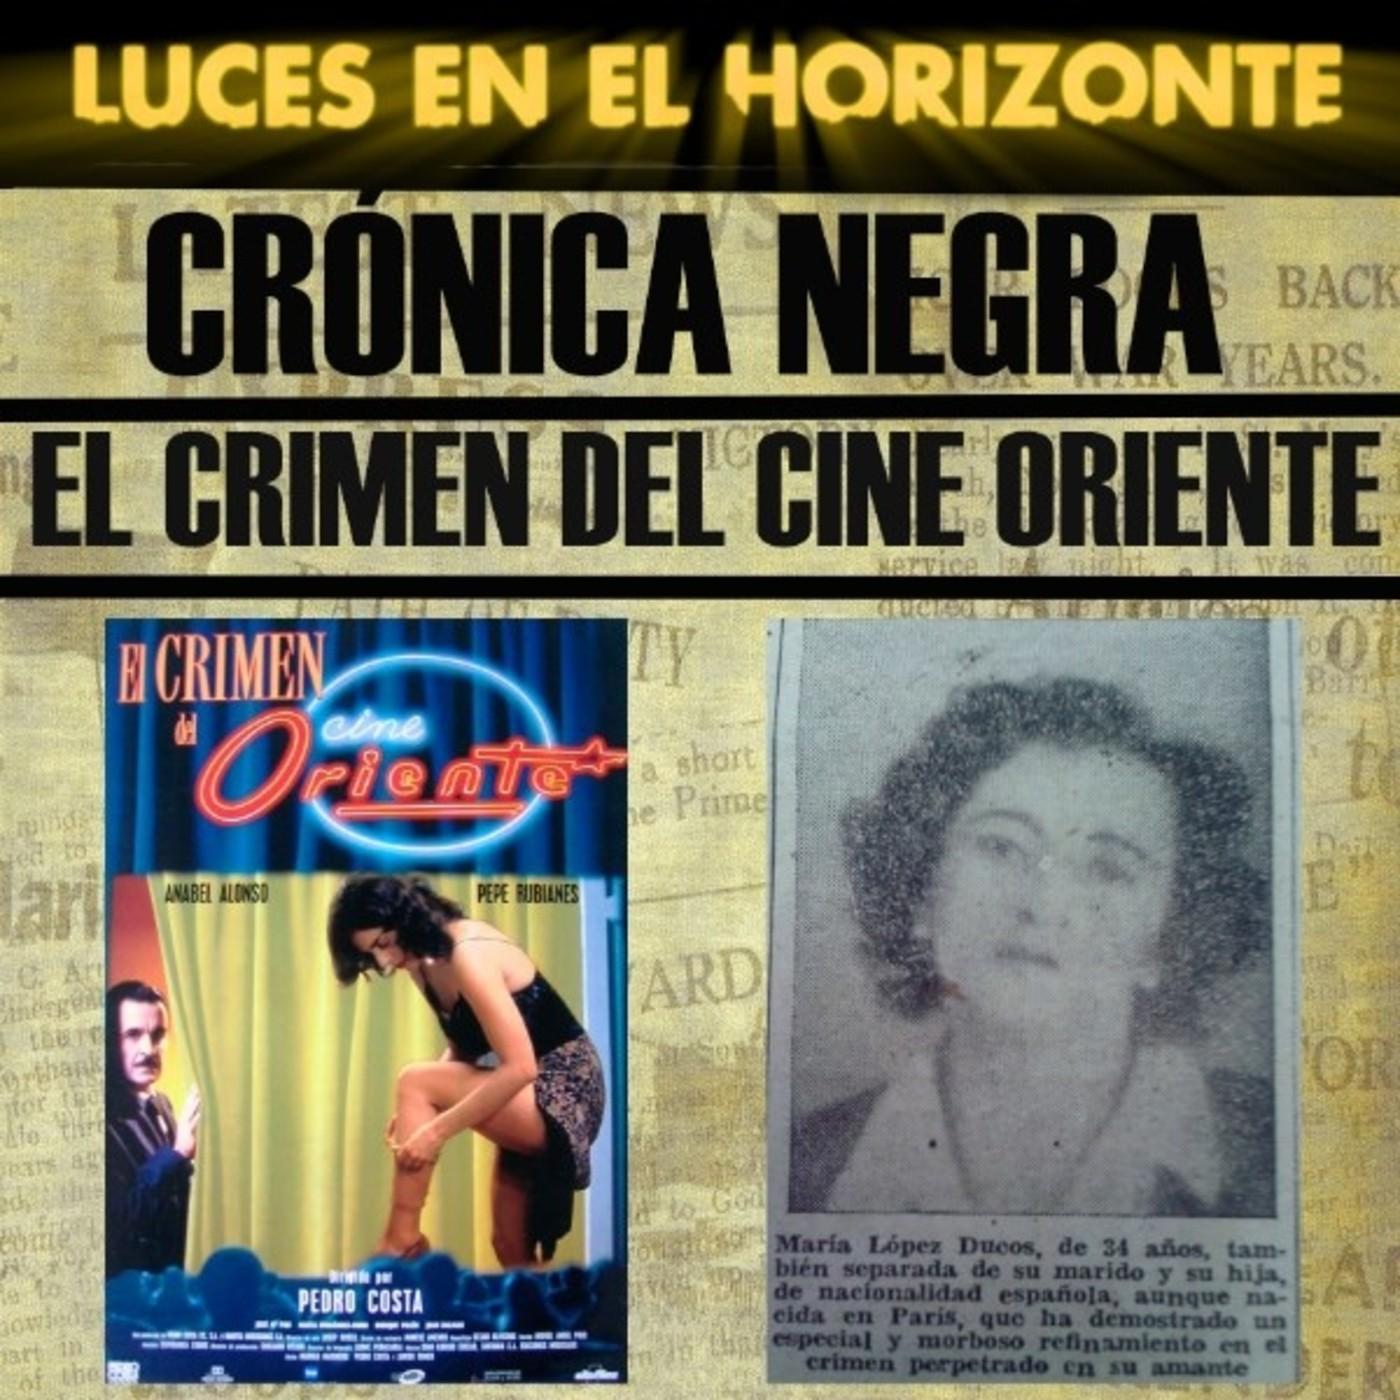 Luces En El Horizonte Cronica Negra 17 El Crimen Del Cine Oriente